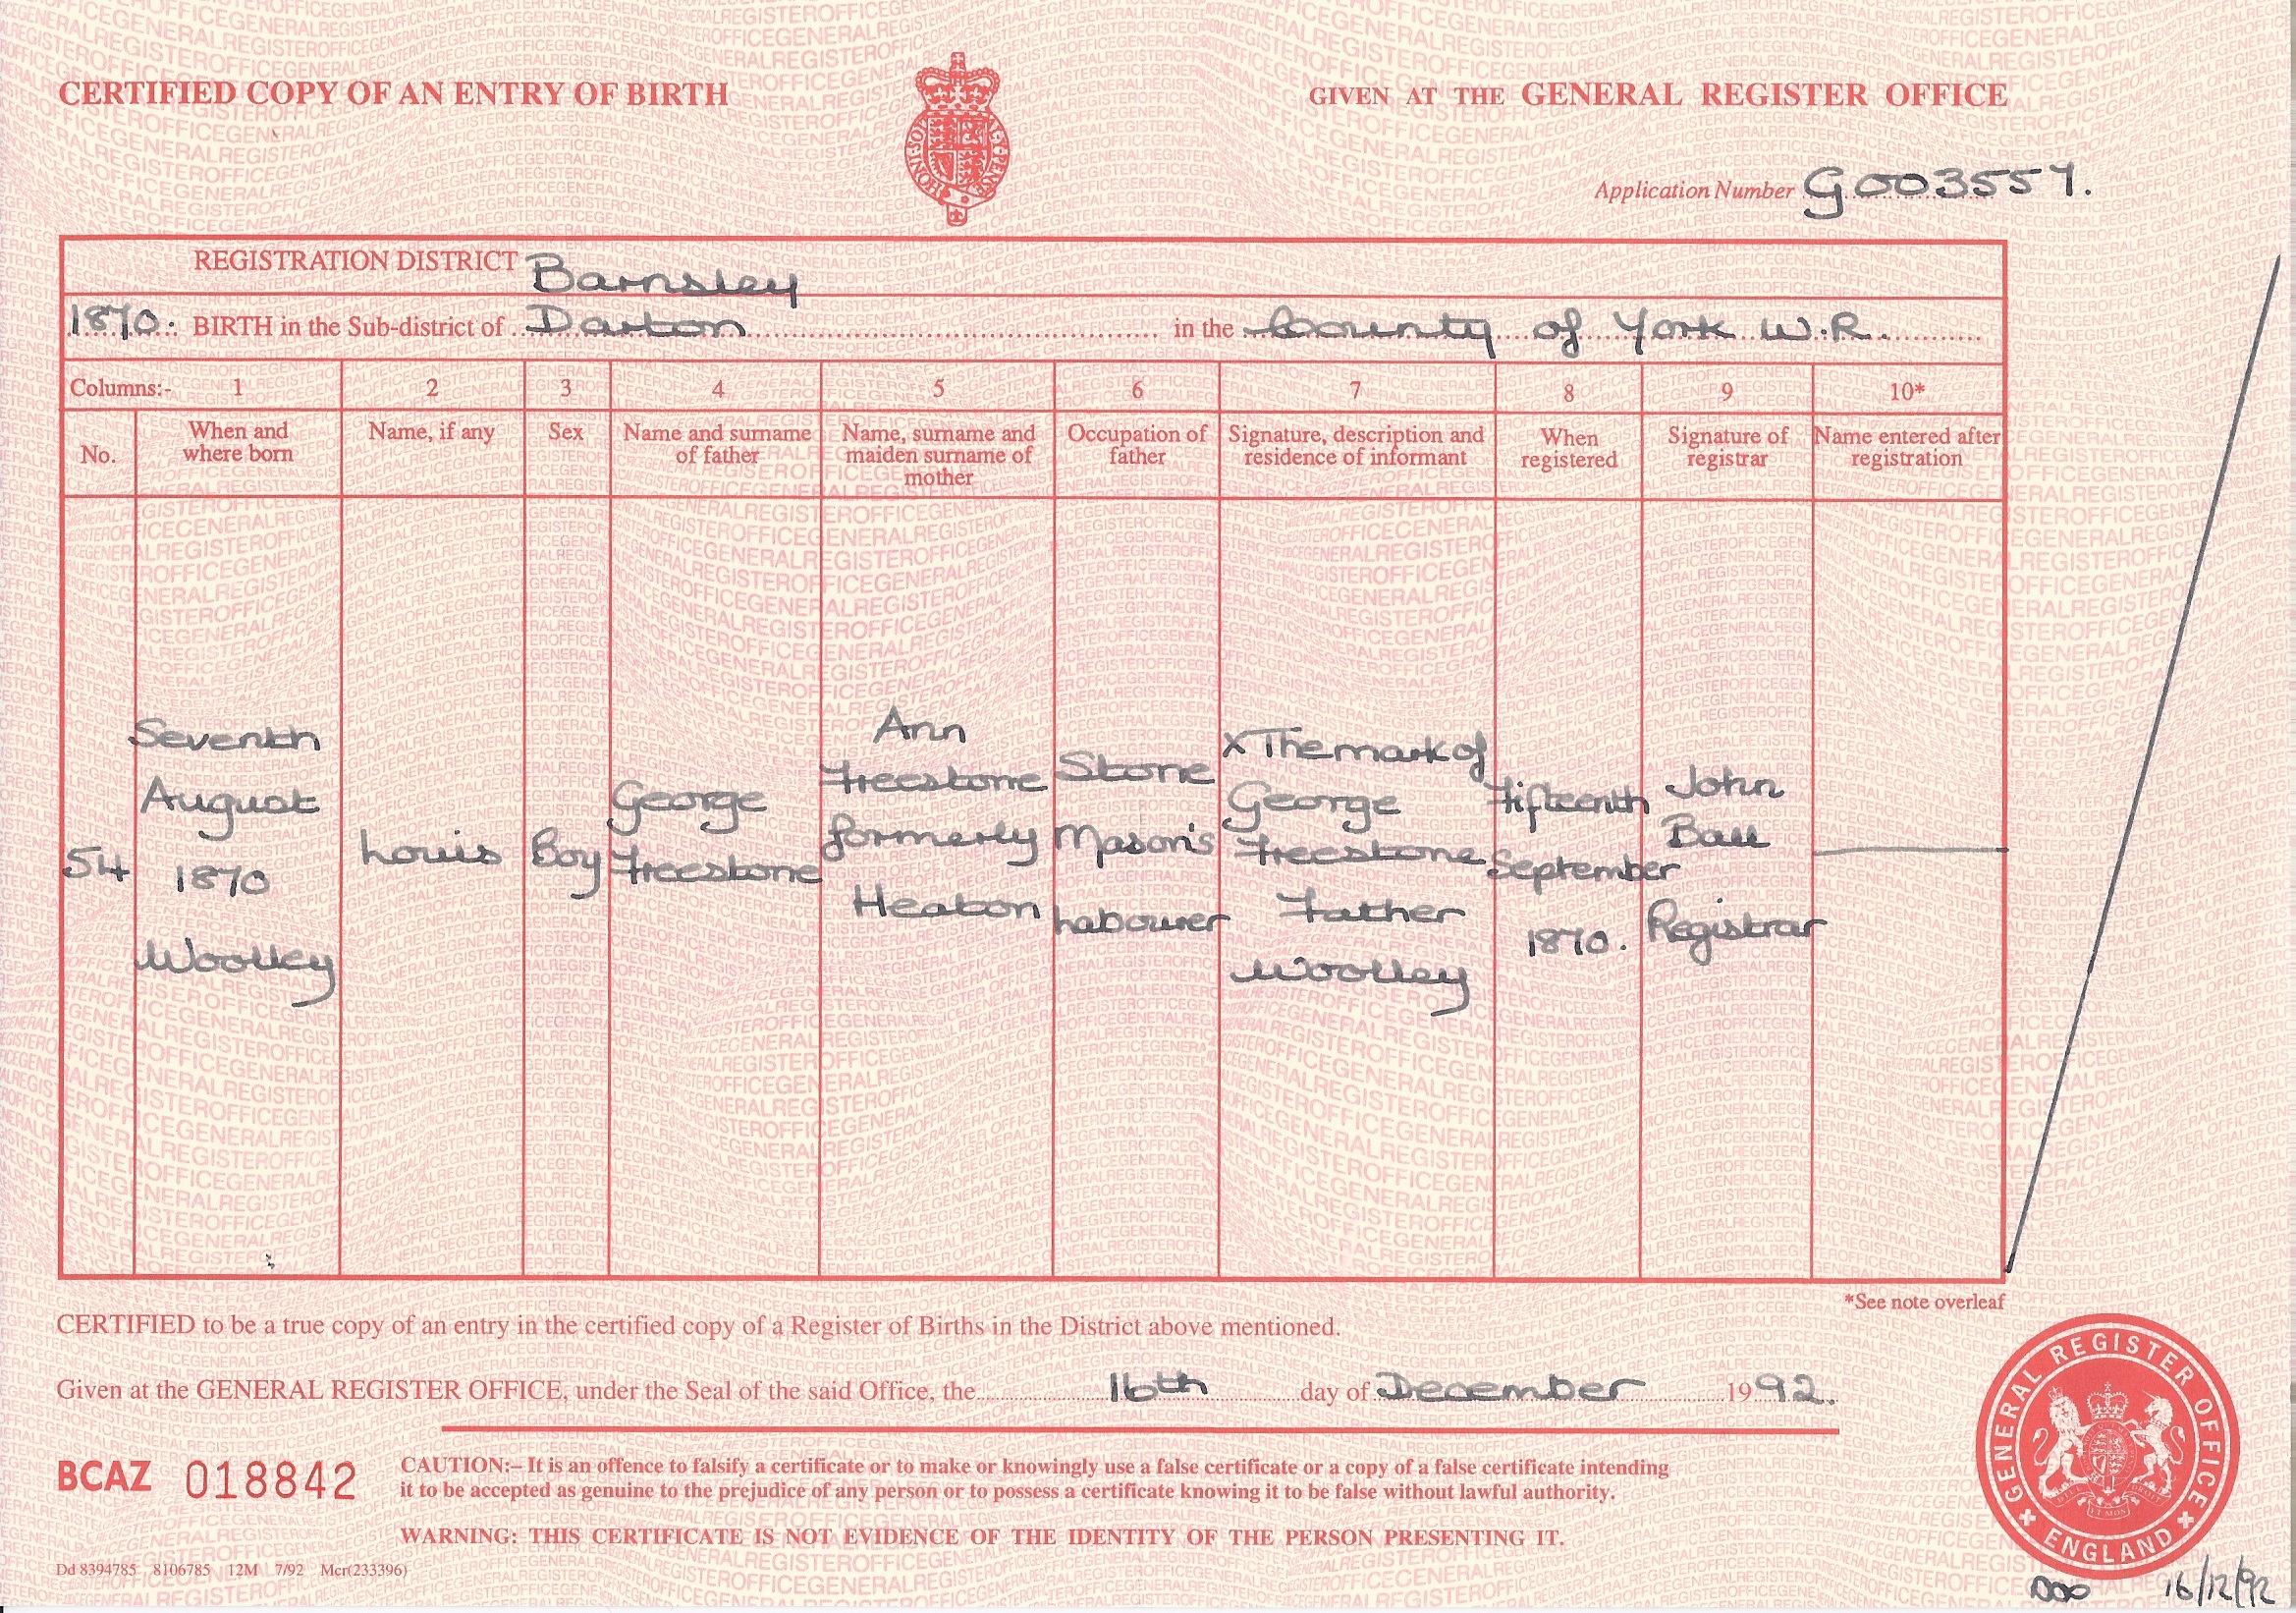 Louis Freestone's Birth Certificate